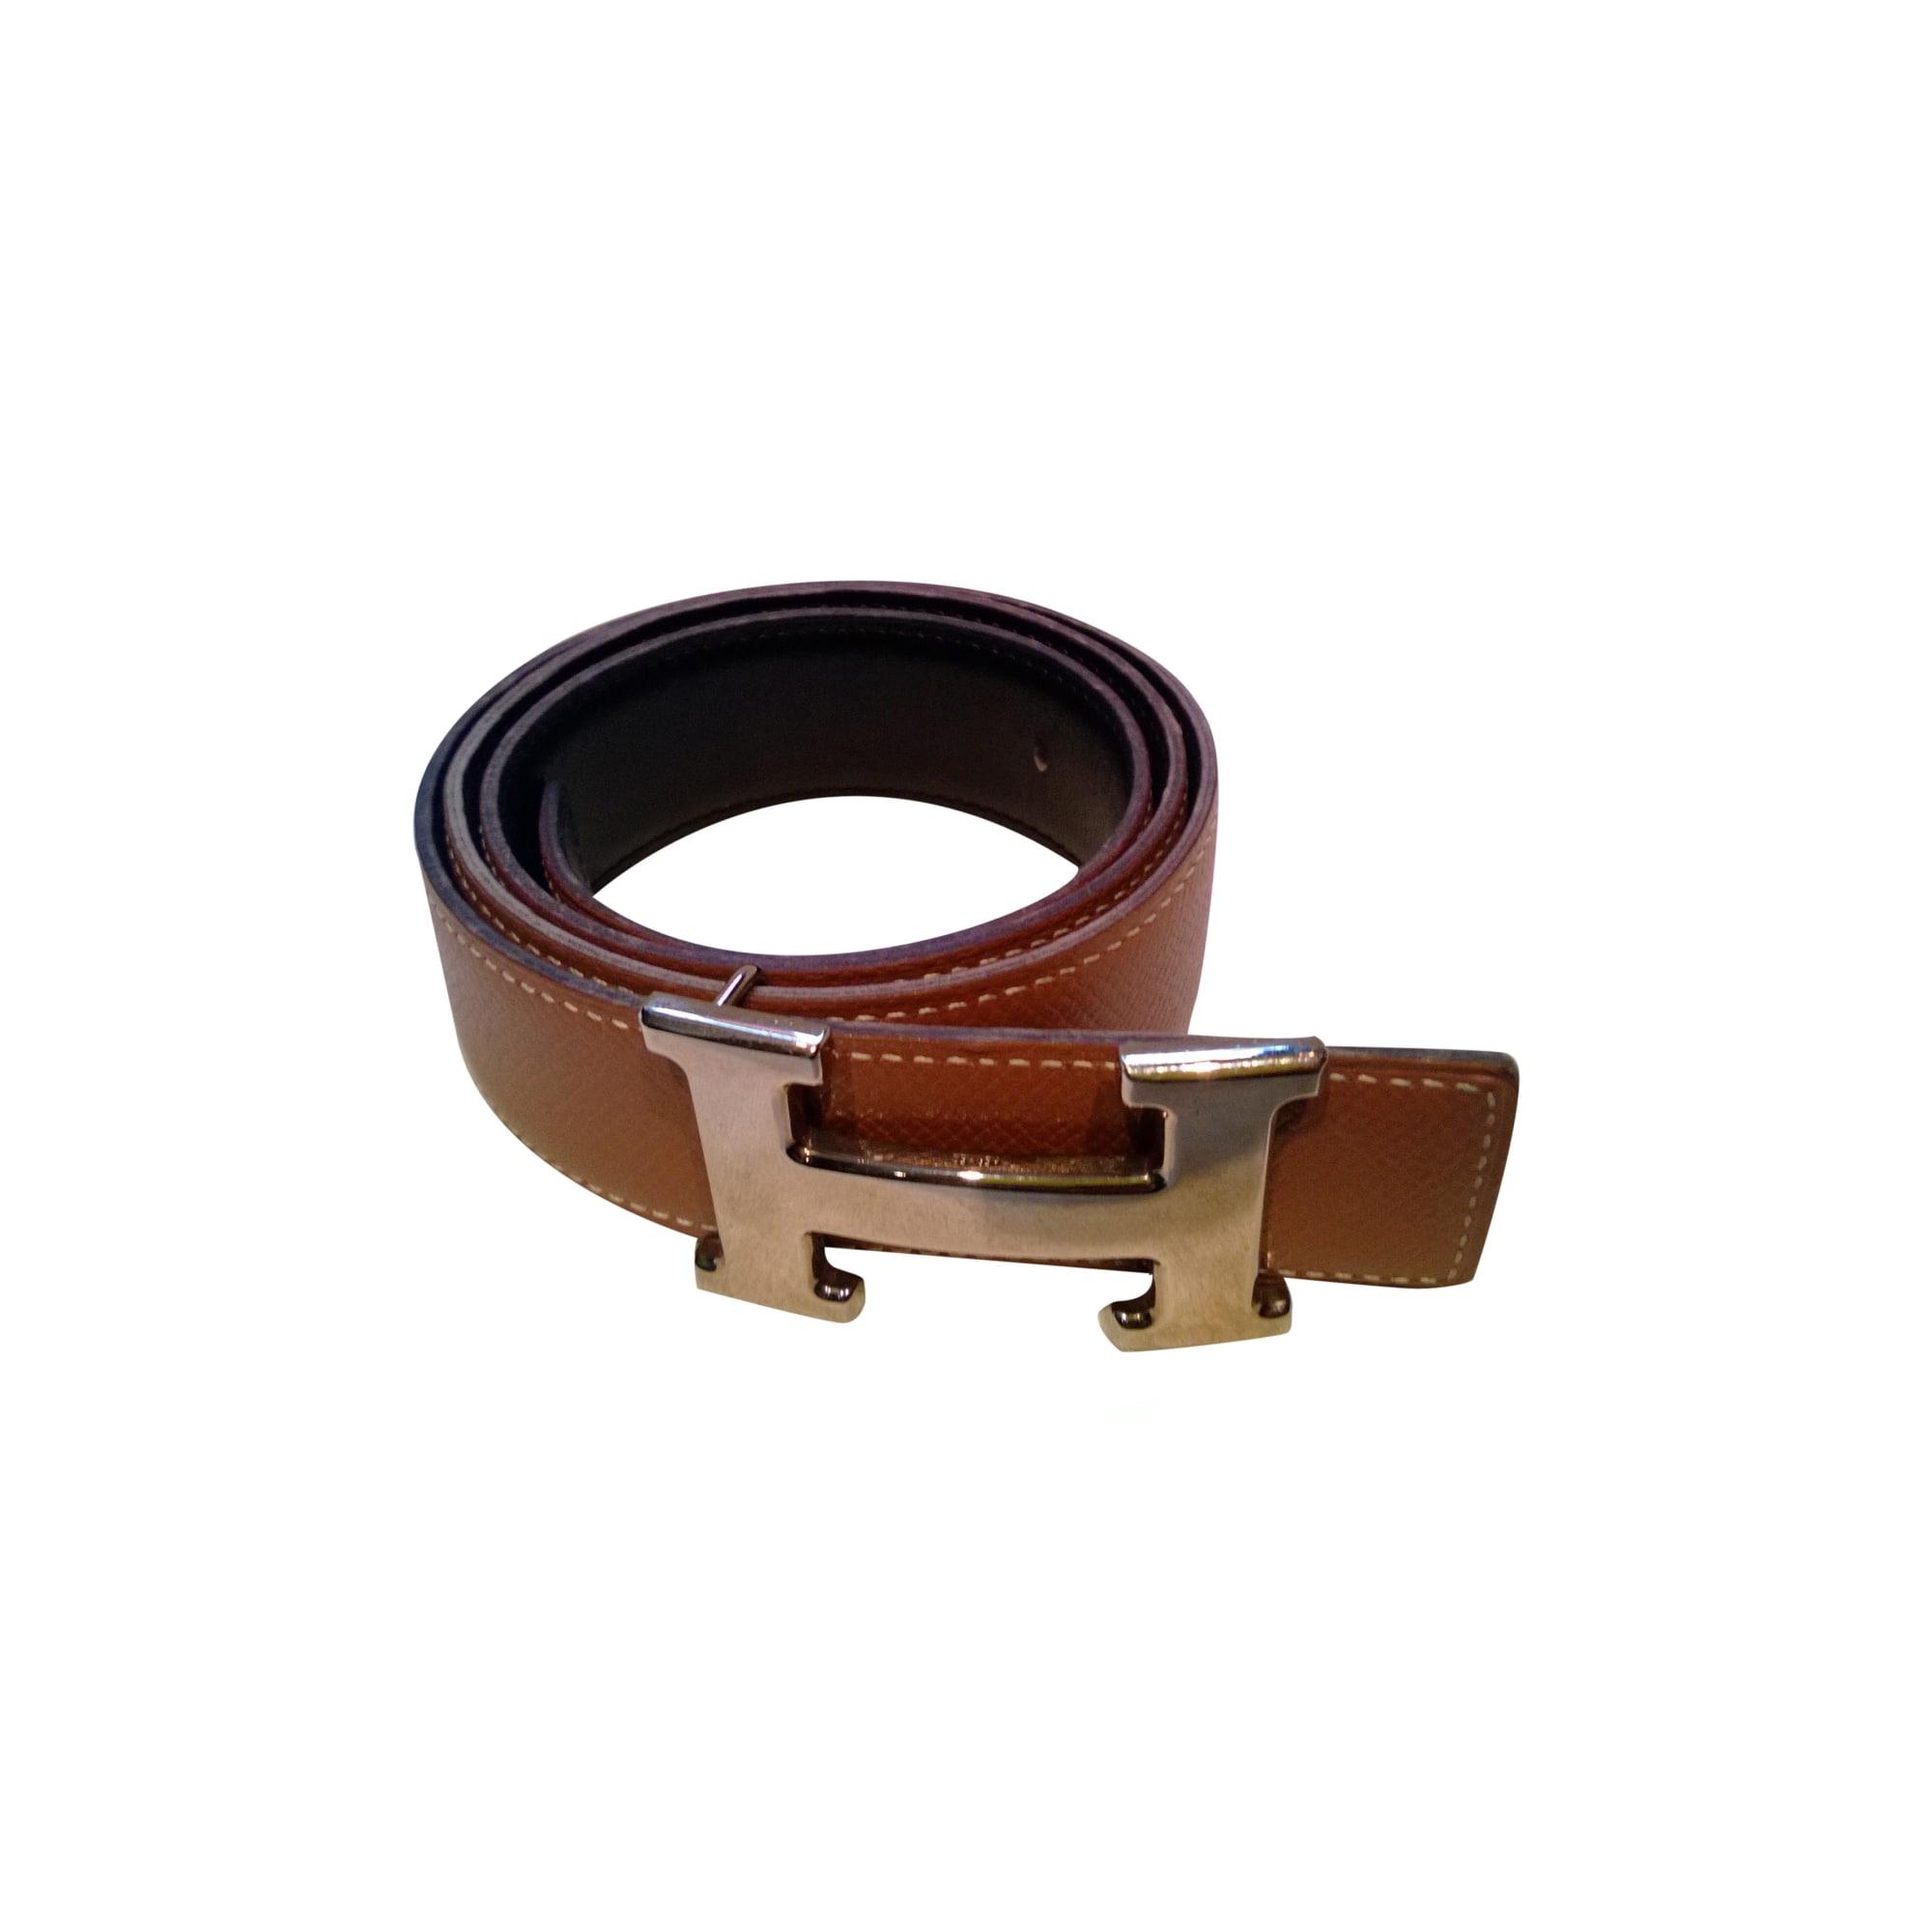 09d482ac41 ceinture hermes marron pas cher